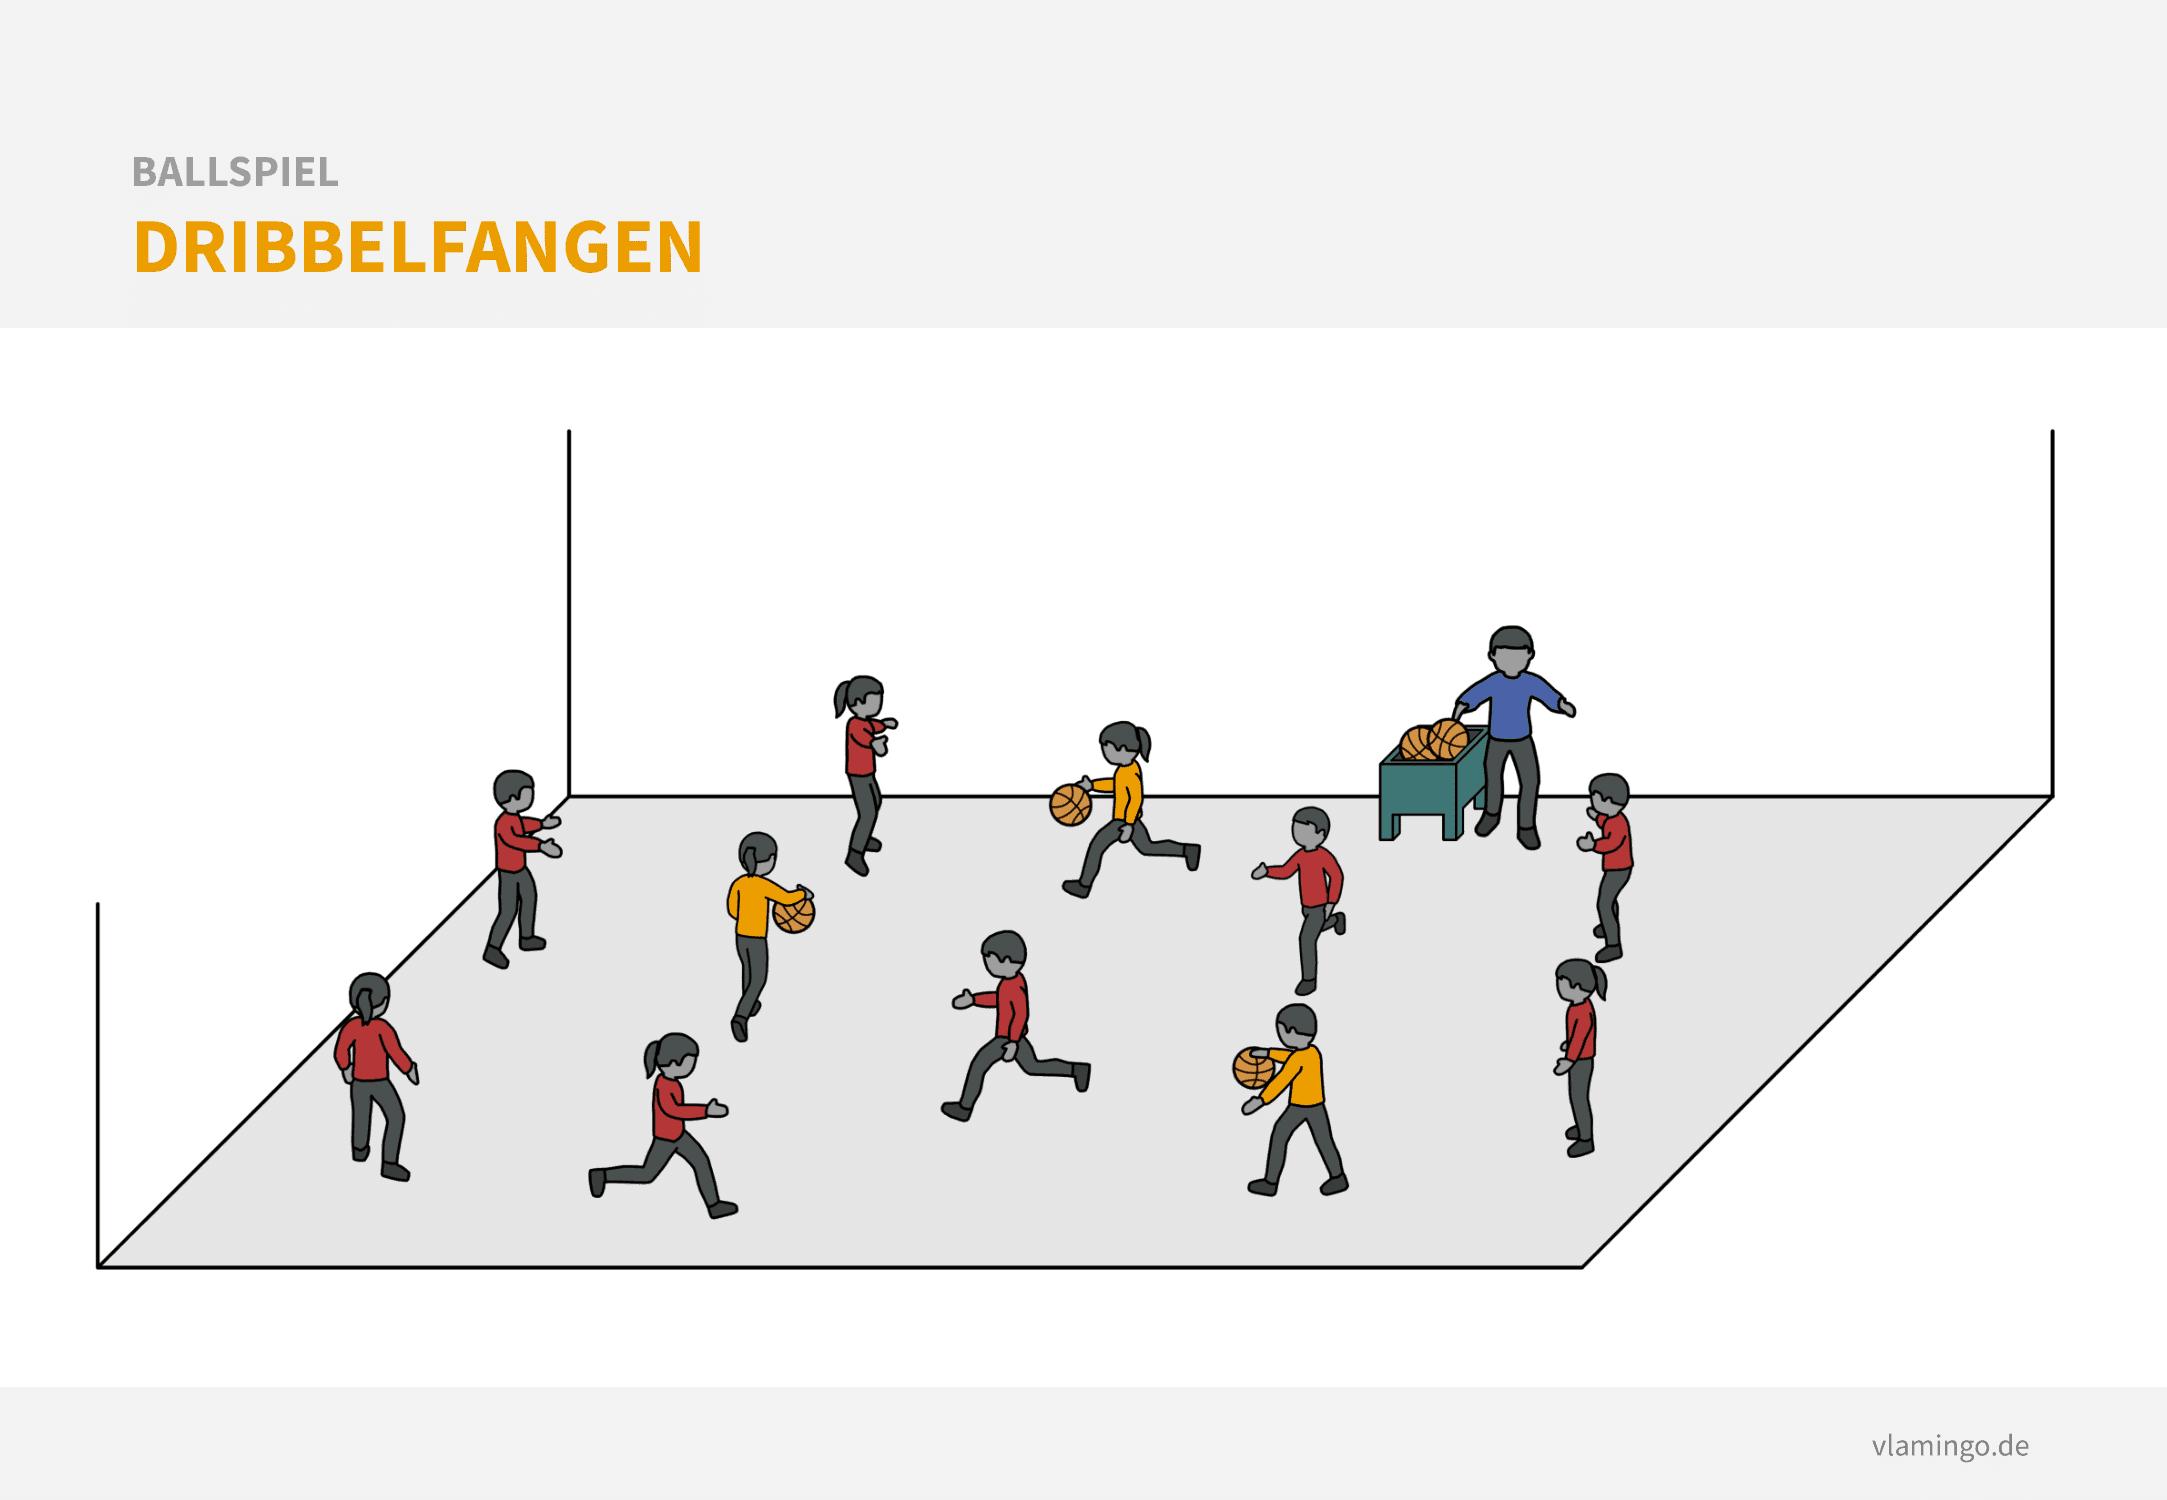 Ballspiel: Dribbelfangen